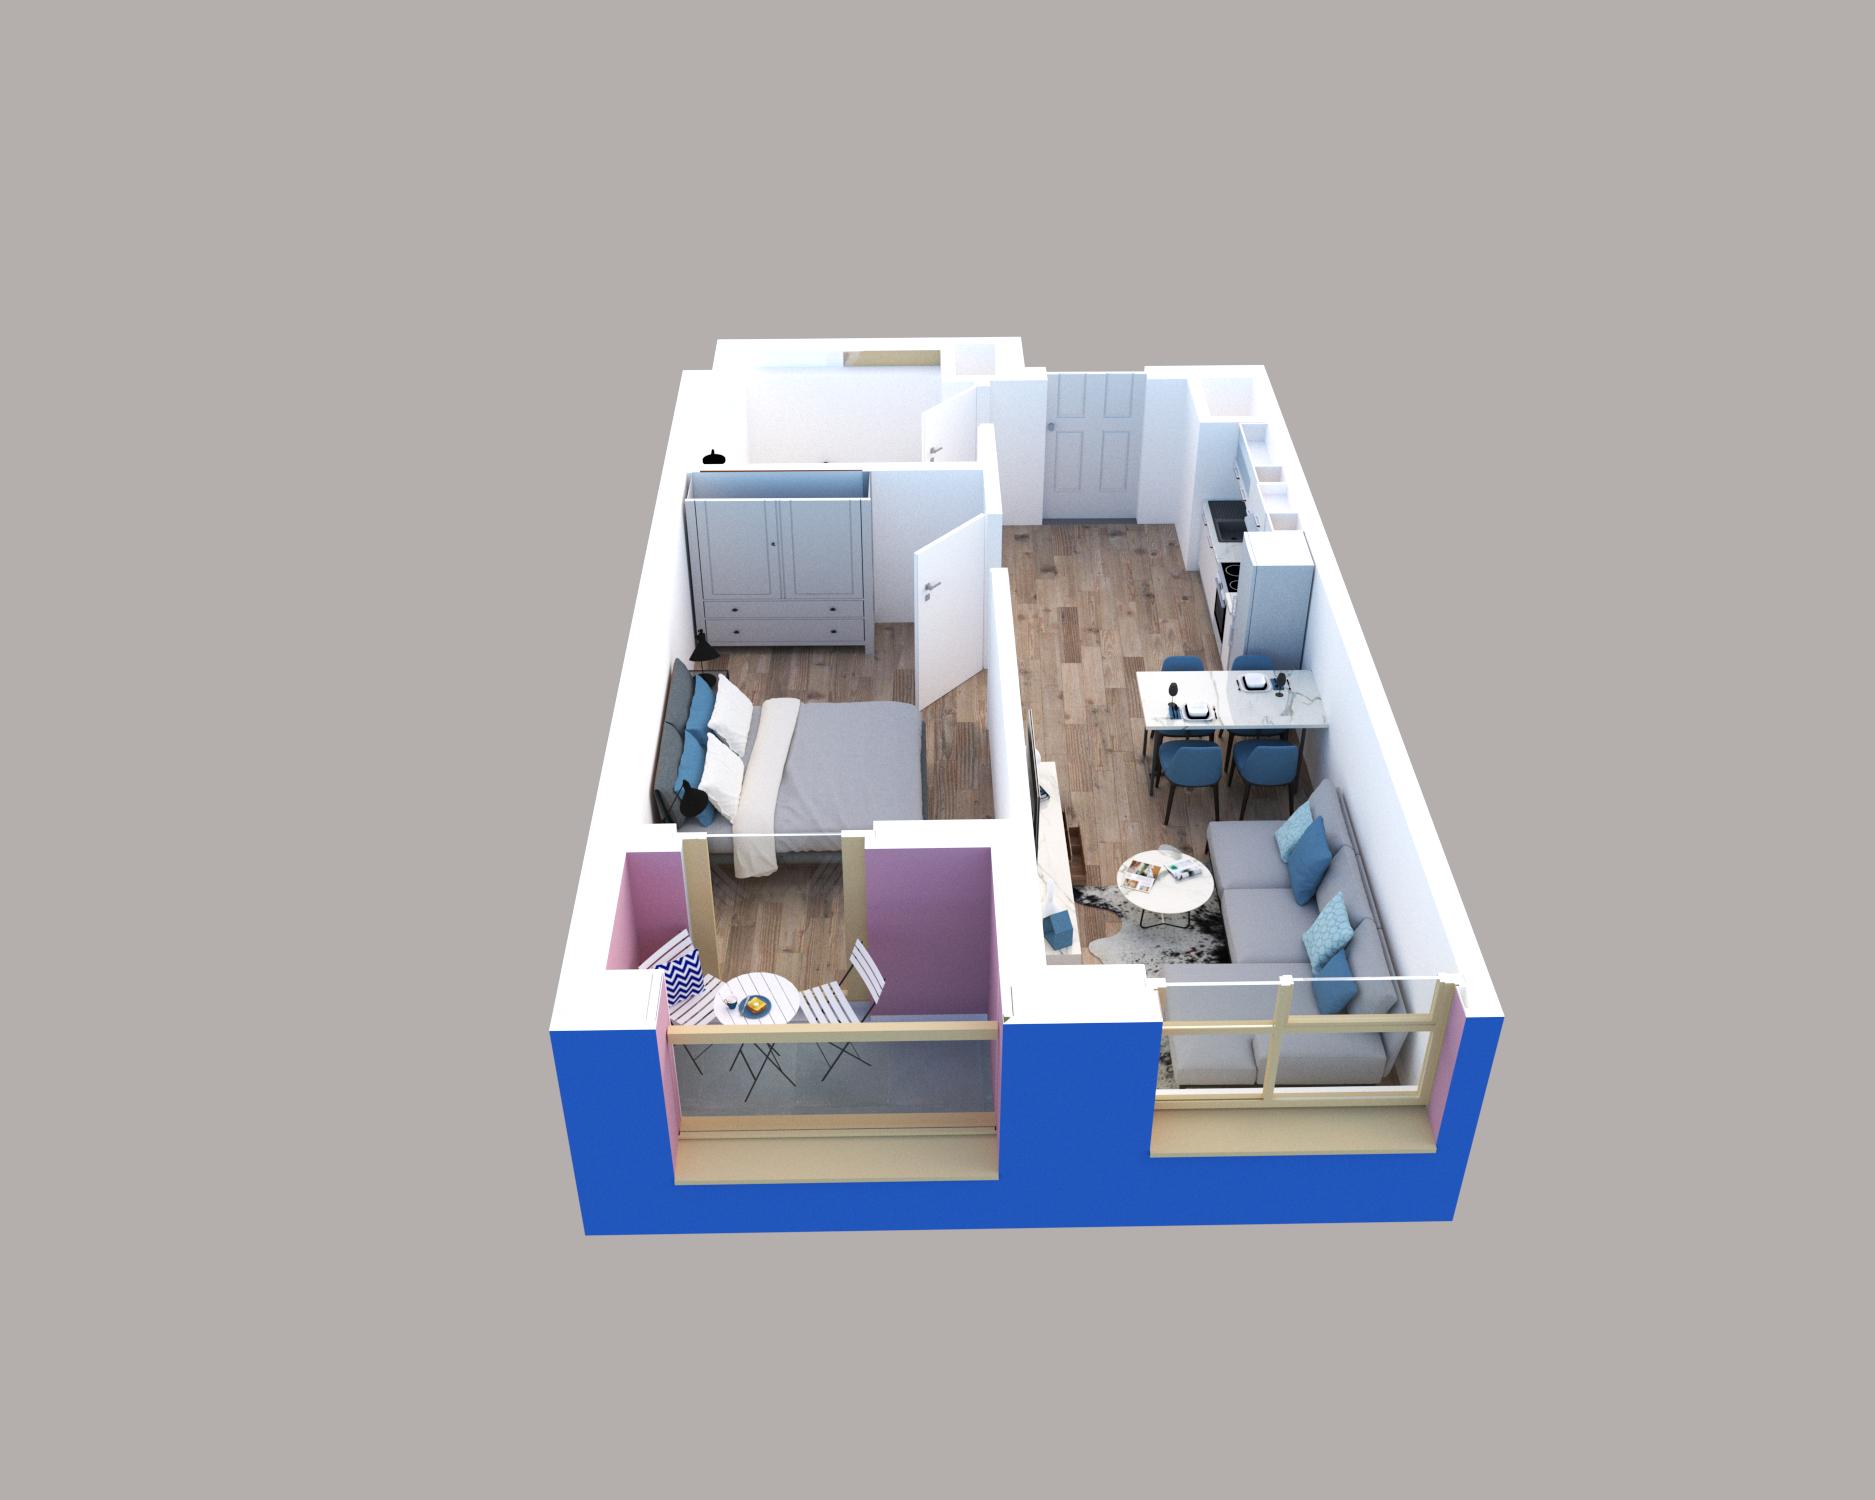 Apartament 1+1 në shitje në Tiranë - Mangalem 21 Shkalla 28 Kati 7